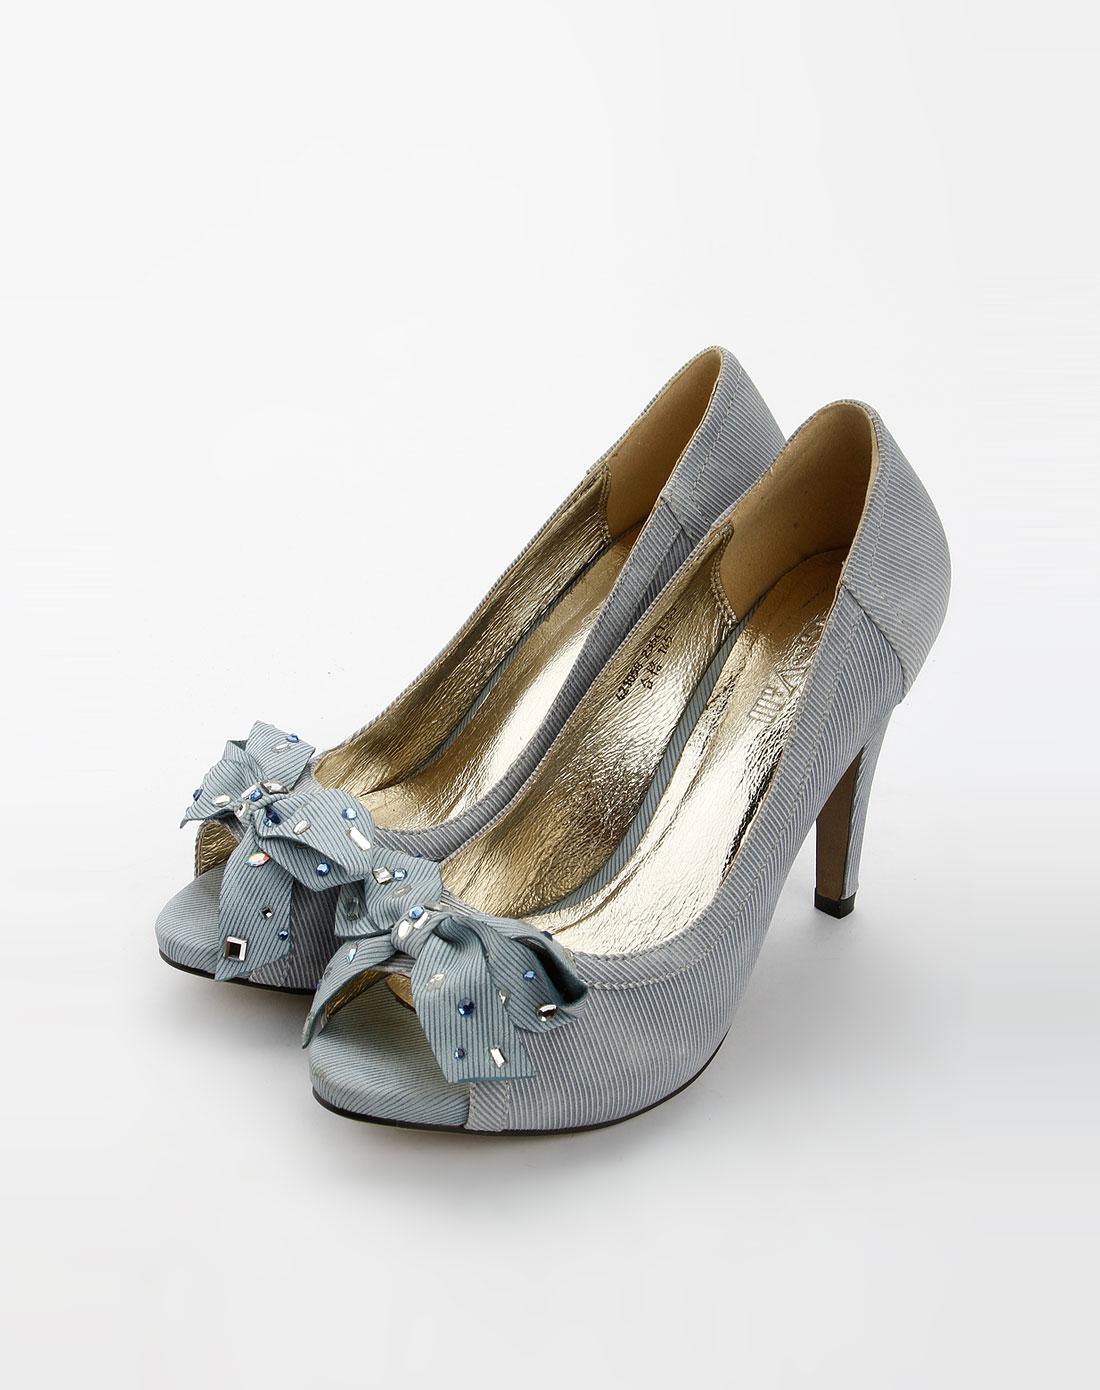 贵之步G-Vill浅蓝色时尚鱼嘴超高跟鞋4210585面包展示盘图片